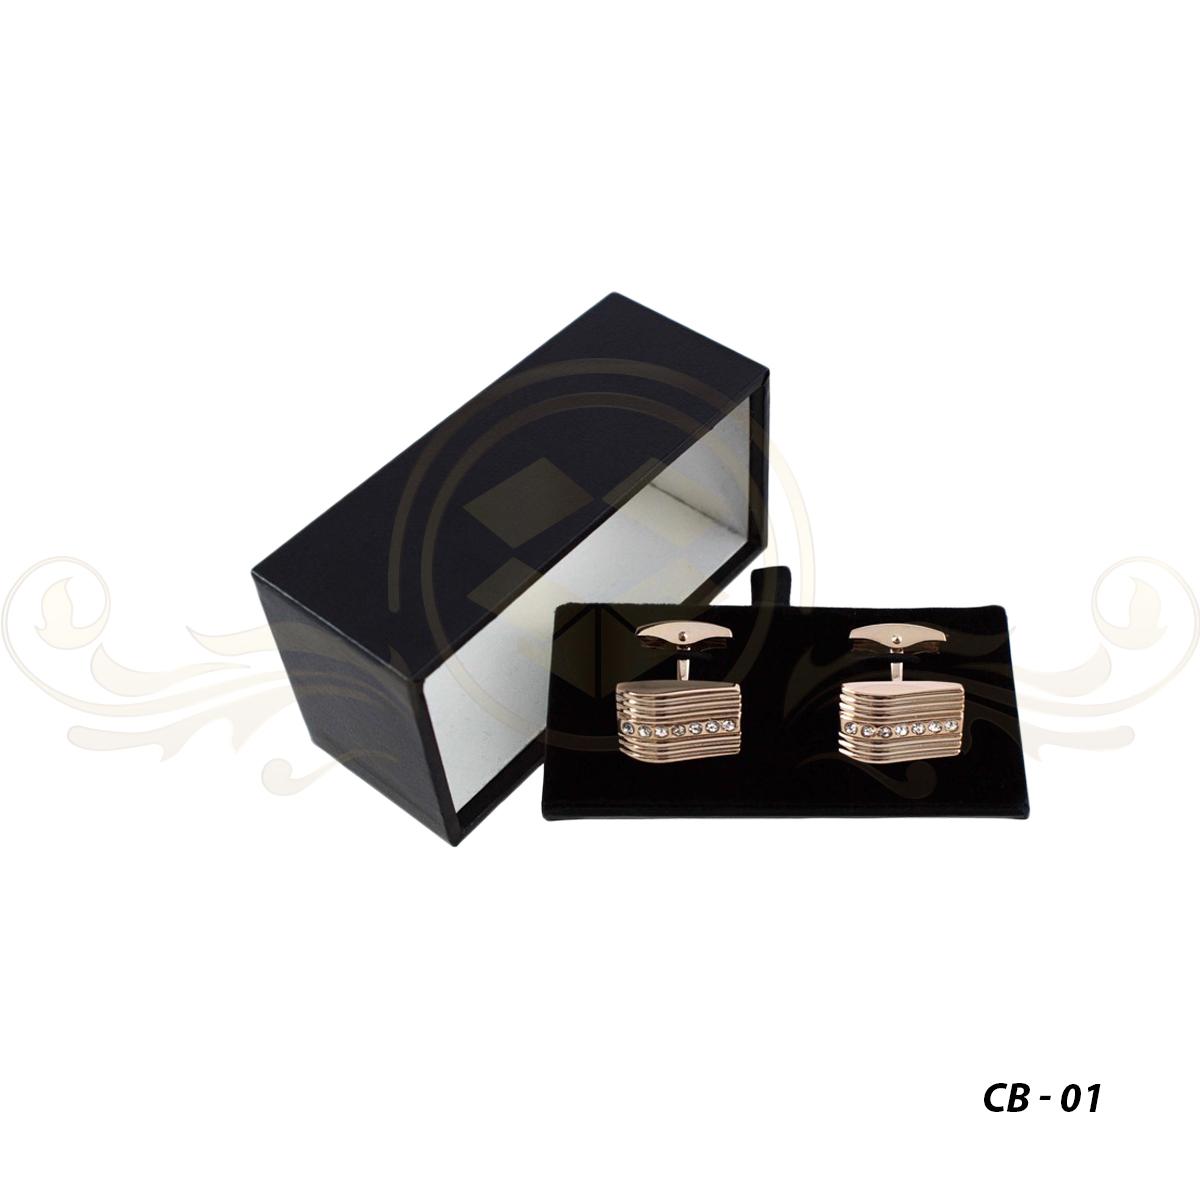 Cufflink-Boxes